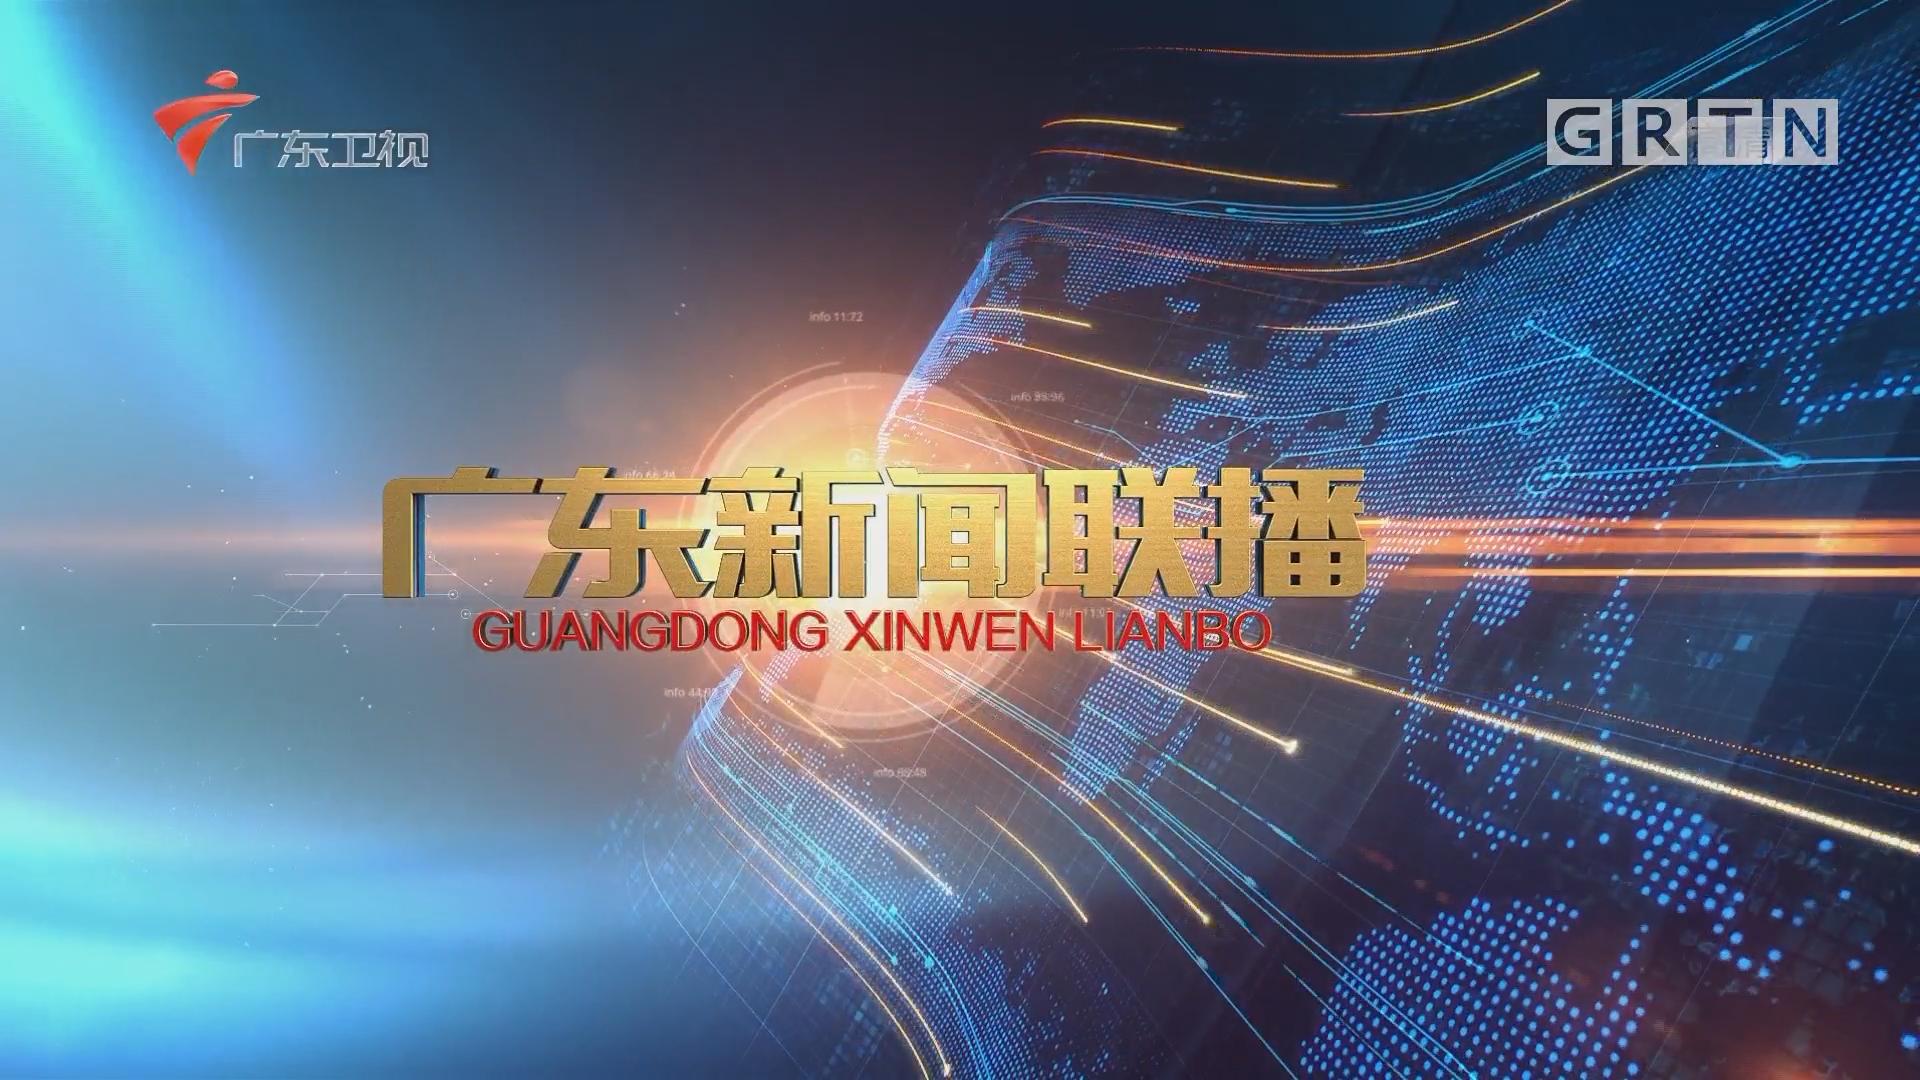 [HD][2019-02-10]广东新闻联播:春节小长假最后一日 广东高速公路现返程客流最高峰